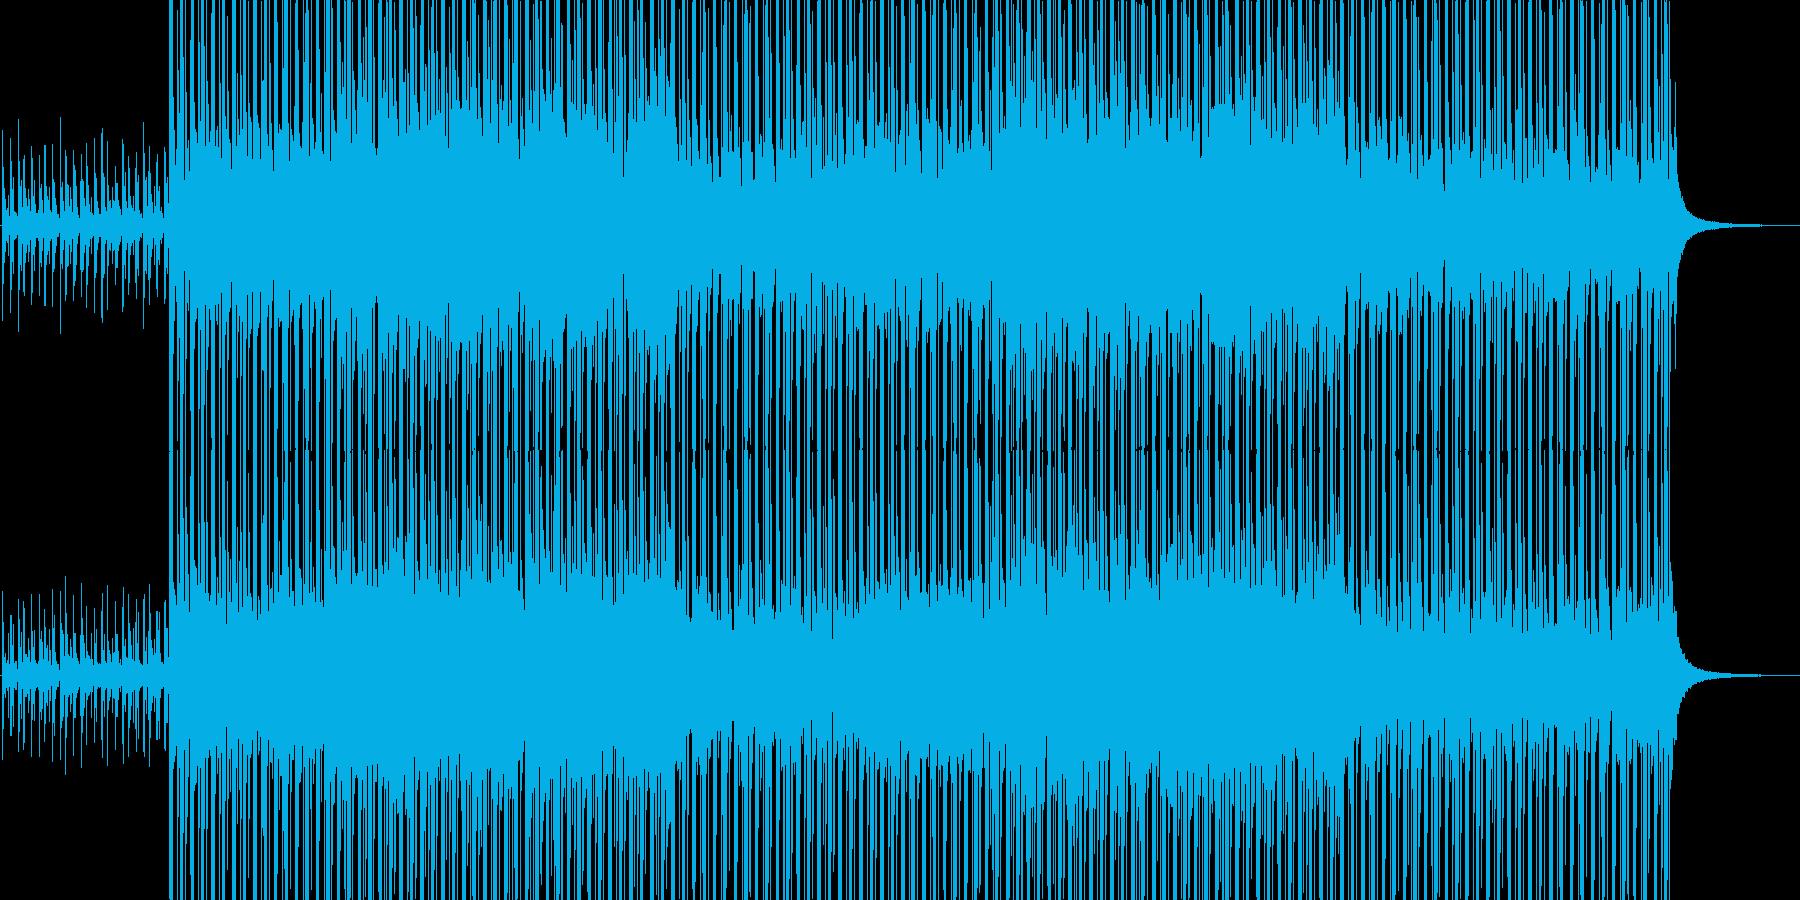 夏、海、トロピカル、EDM、爽やか、洋楽の再生済みの波形